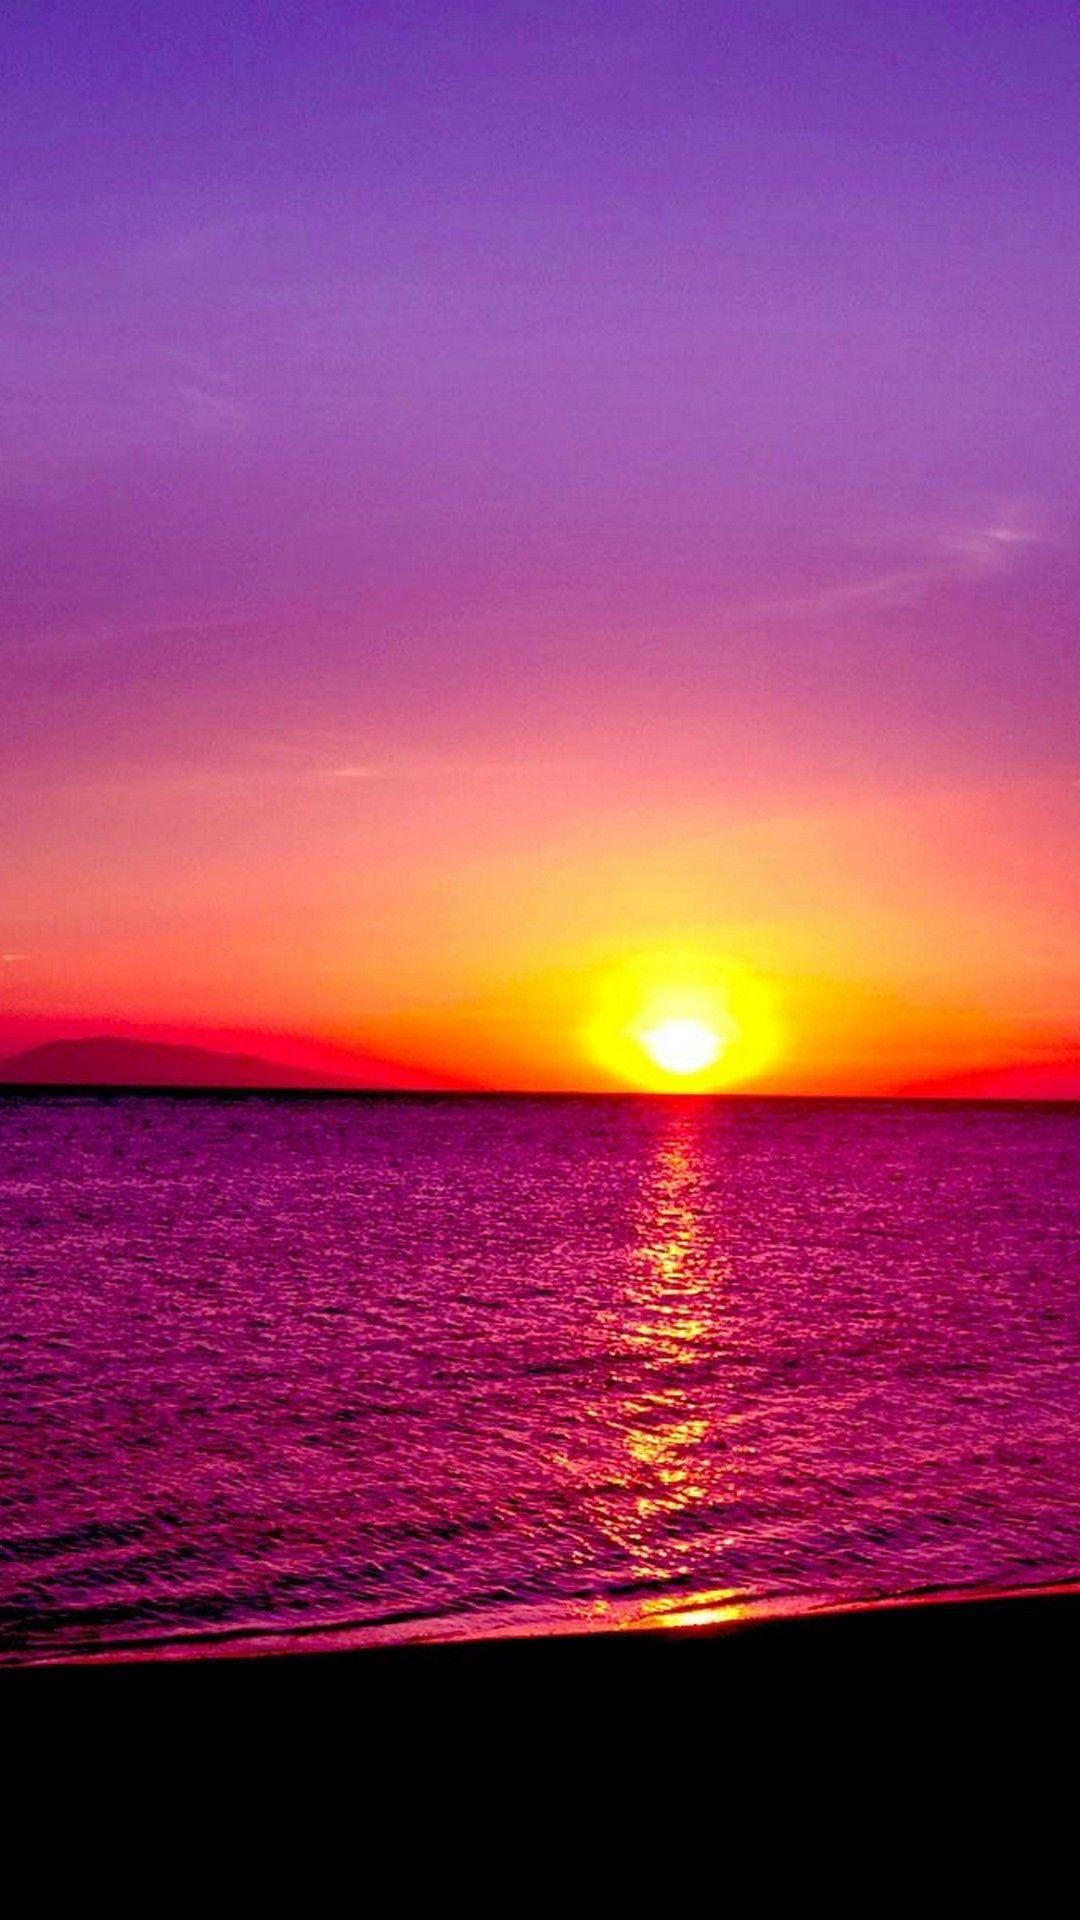 Sunset Iphone Wallpaper Best Iphone Wallpaper Sunset Iphone Wallpaper Sunset Wallpaper Scenery